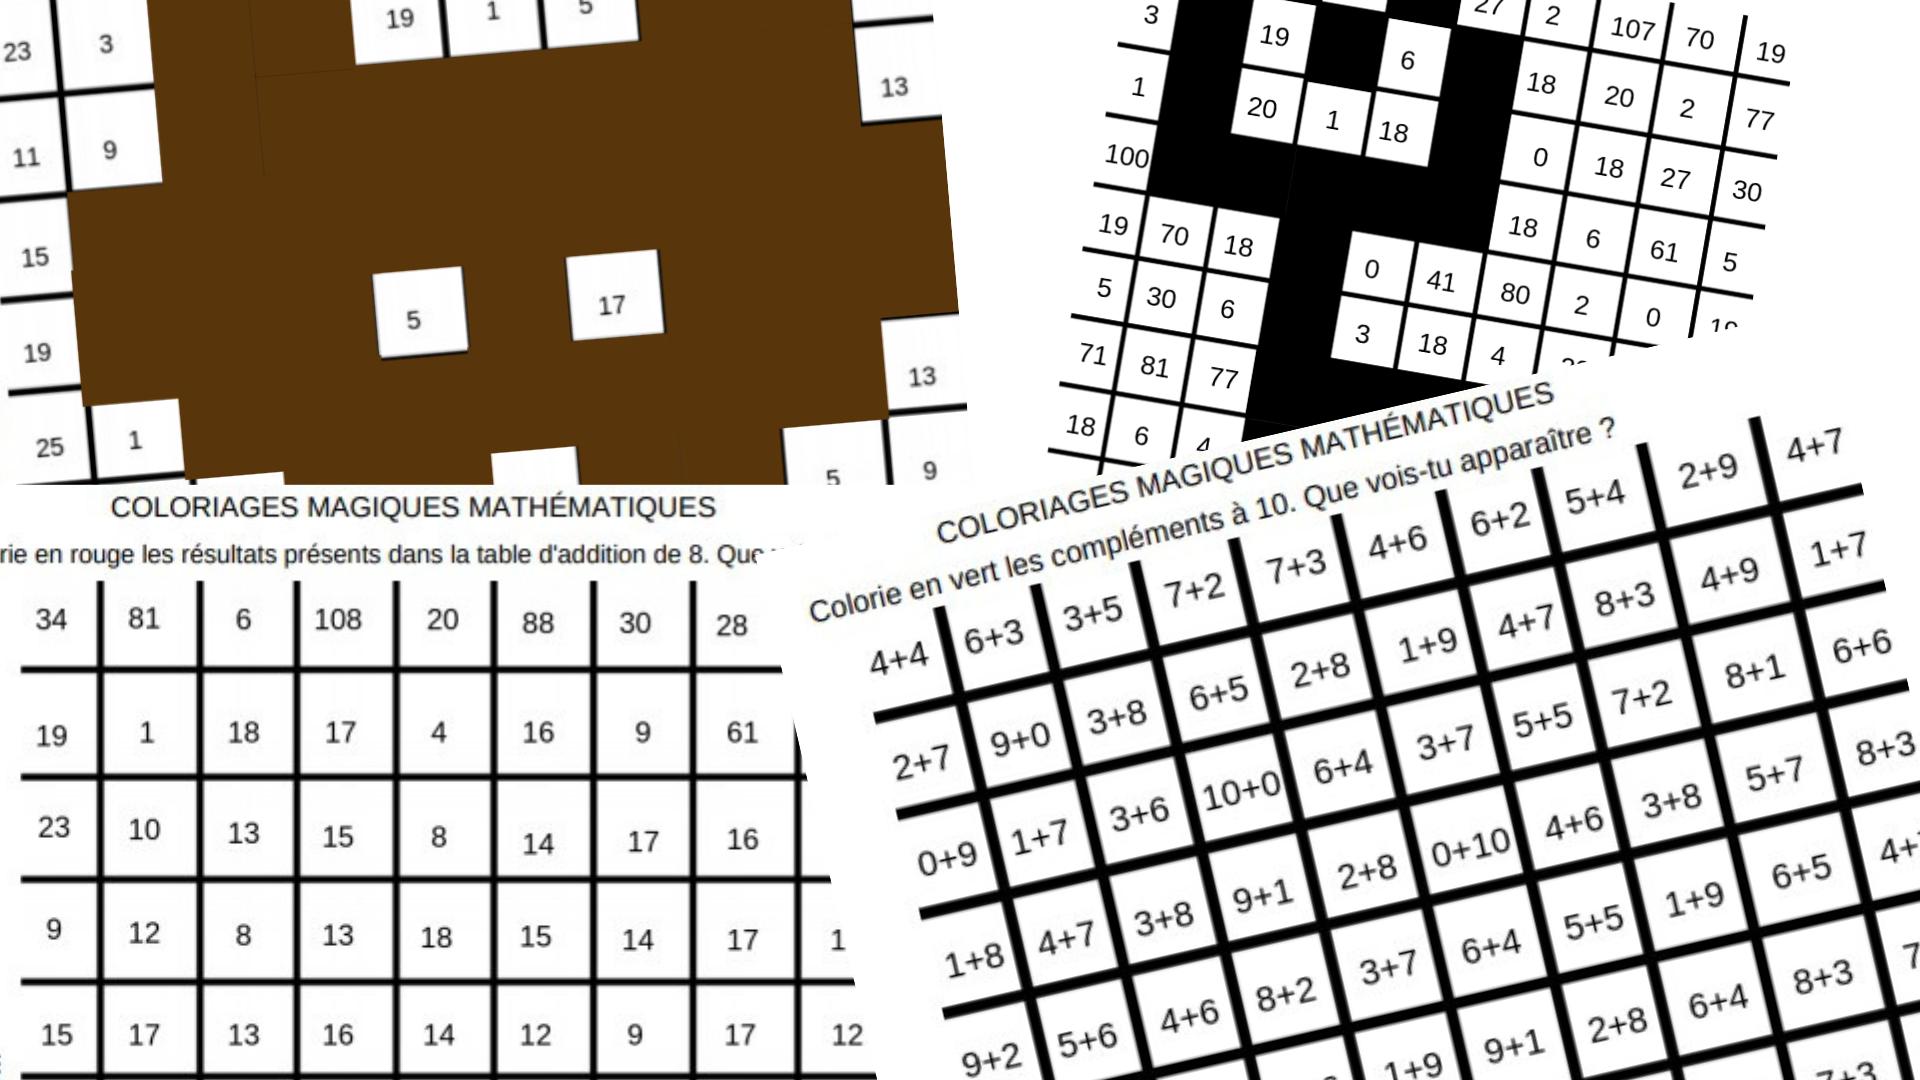 5 Coloriages Magiques Mathematiques Complements A 10 Doubles